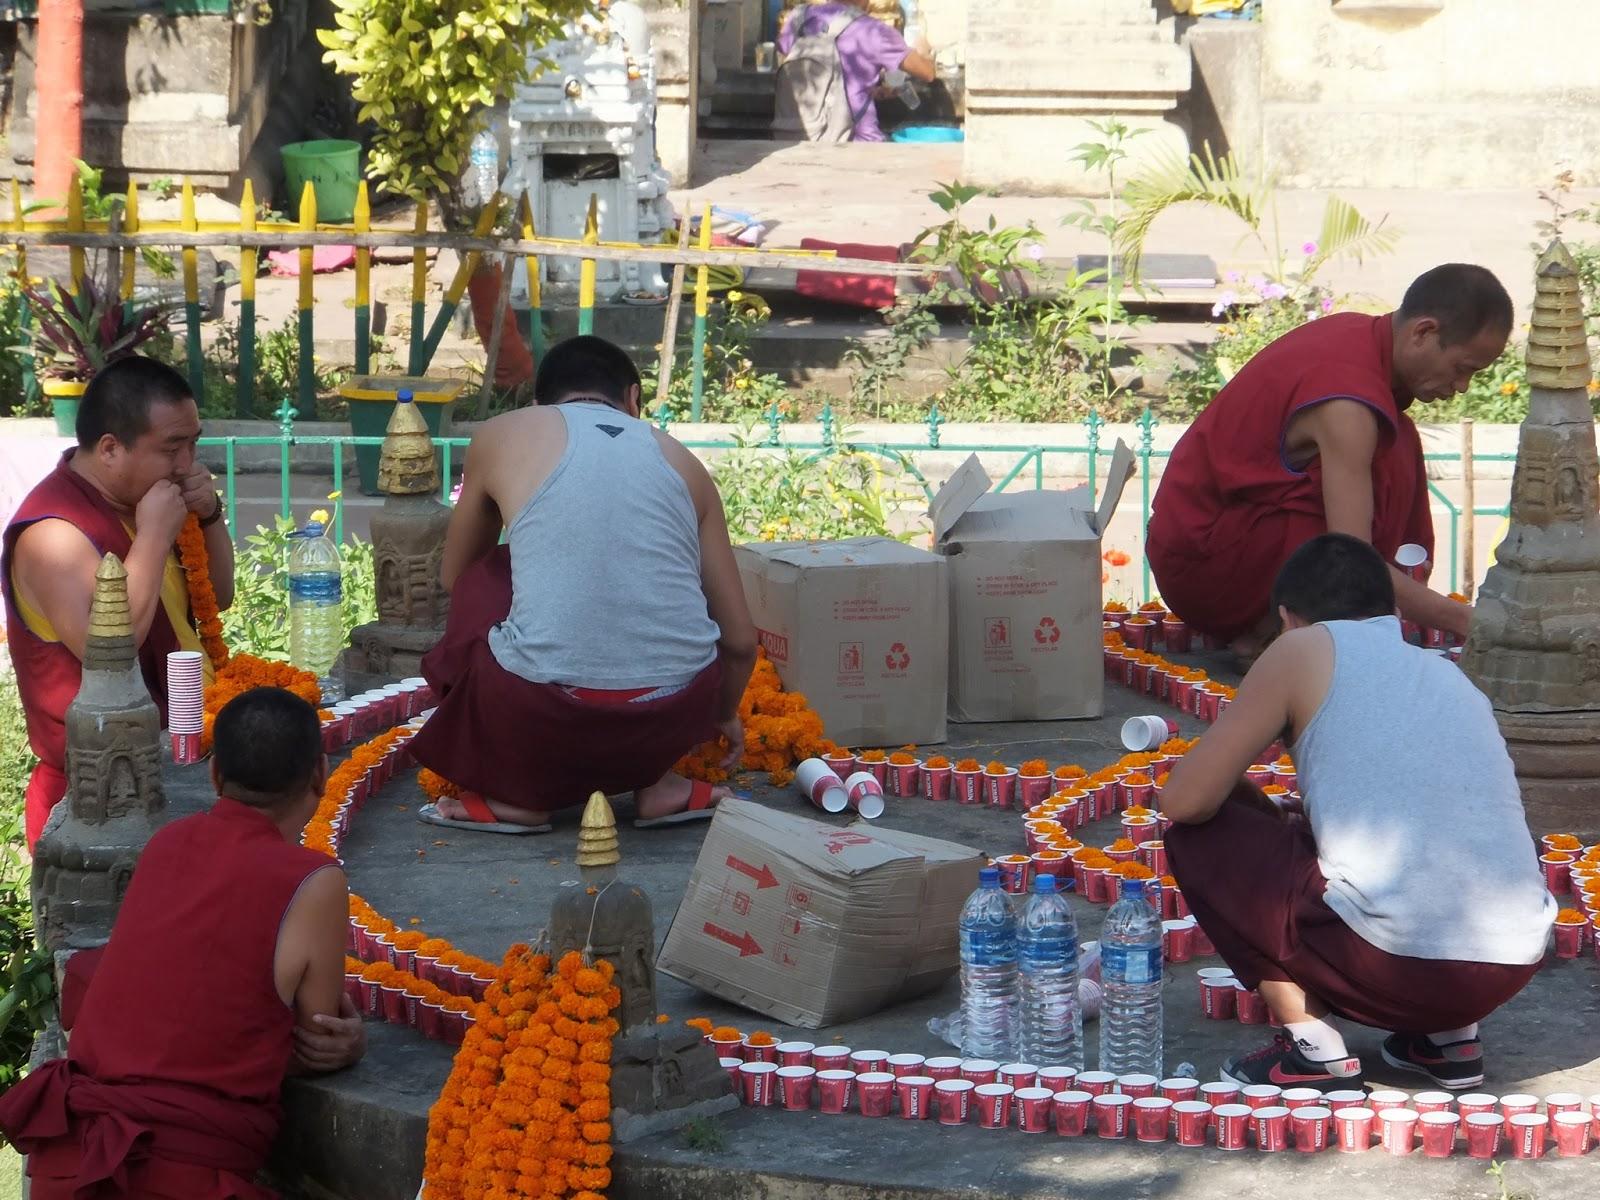 монахи буддисты выкладывают узор из цветов